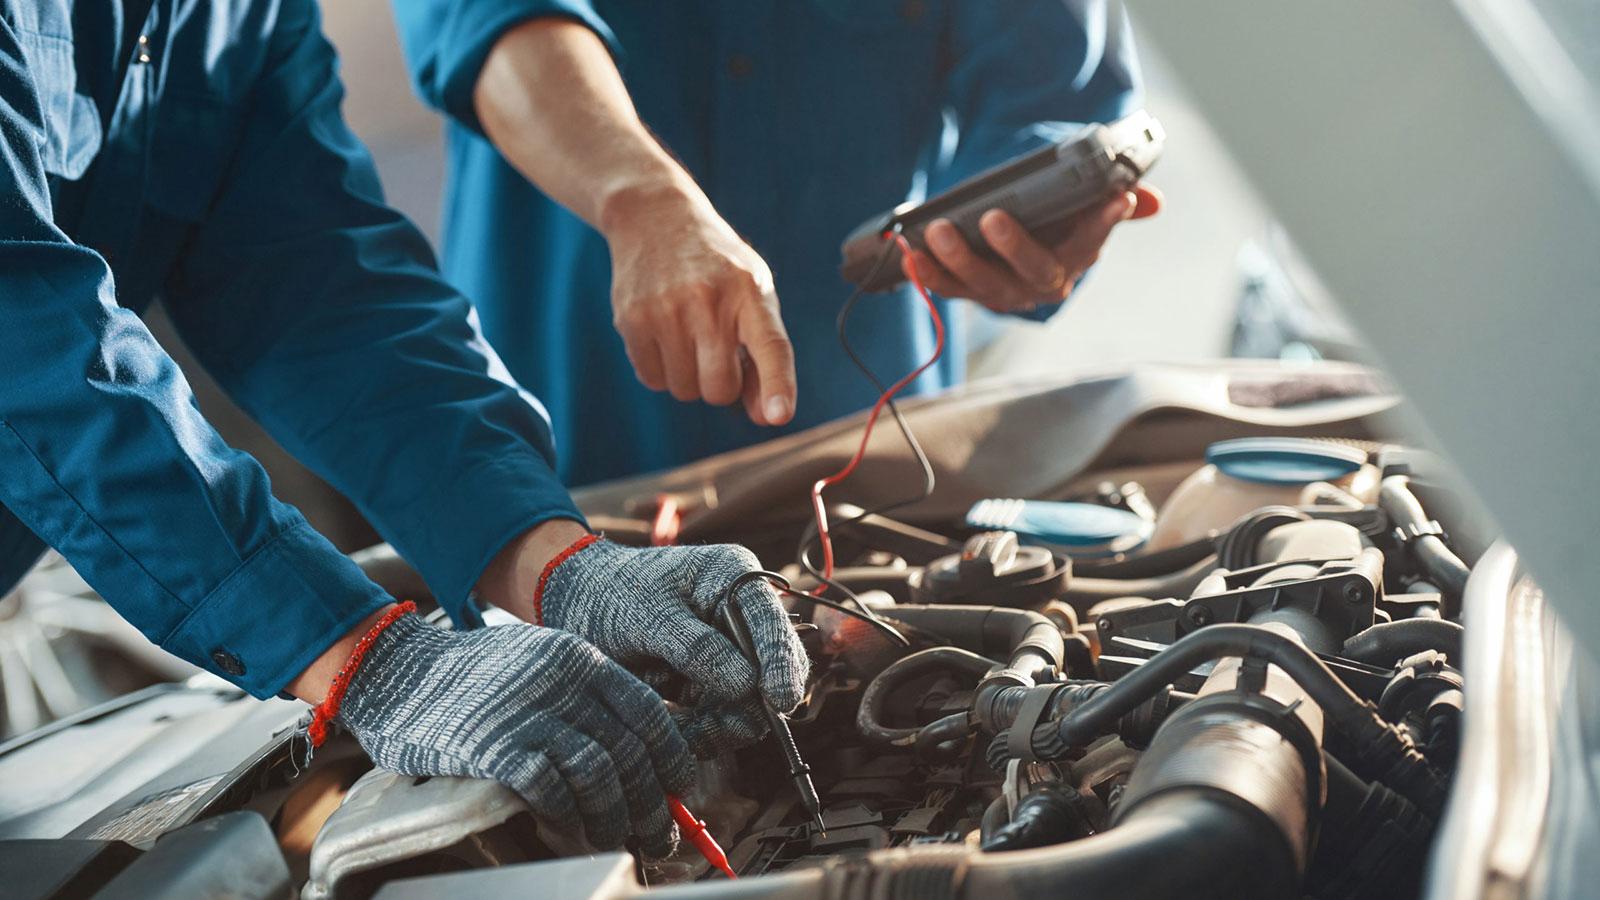 Σύμφωνα με τις υπηρεσίες οδικής βοήθειας οι ακινητοποιήσεις οχημάτων λόγω προβλήματος στην μπαταρία αποτέλεσαν το 46,3% των συνολικών περιπτώσεων.